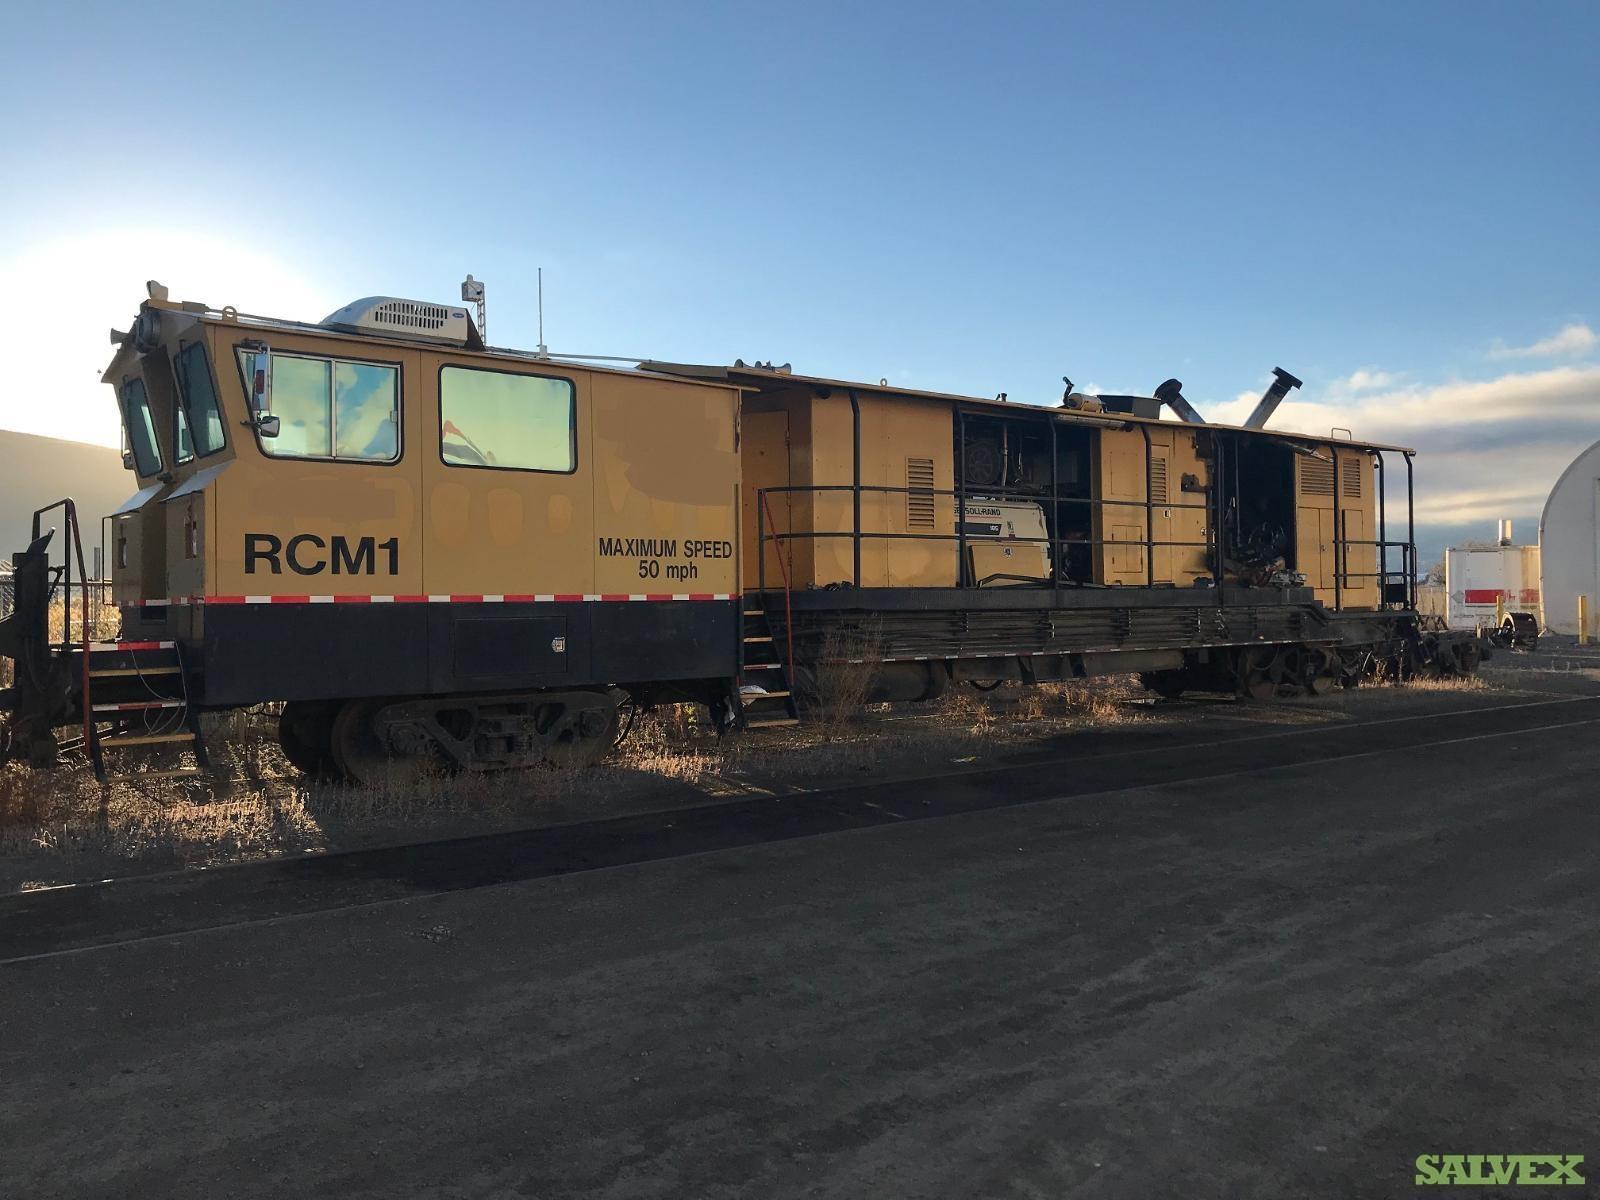 Plasser RCM1 Rail Car Mover in  British Columbia, Canada (1 Unit)